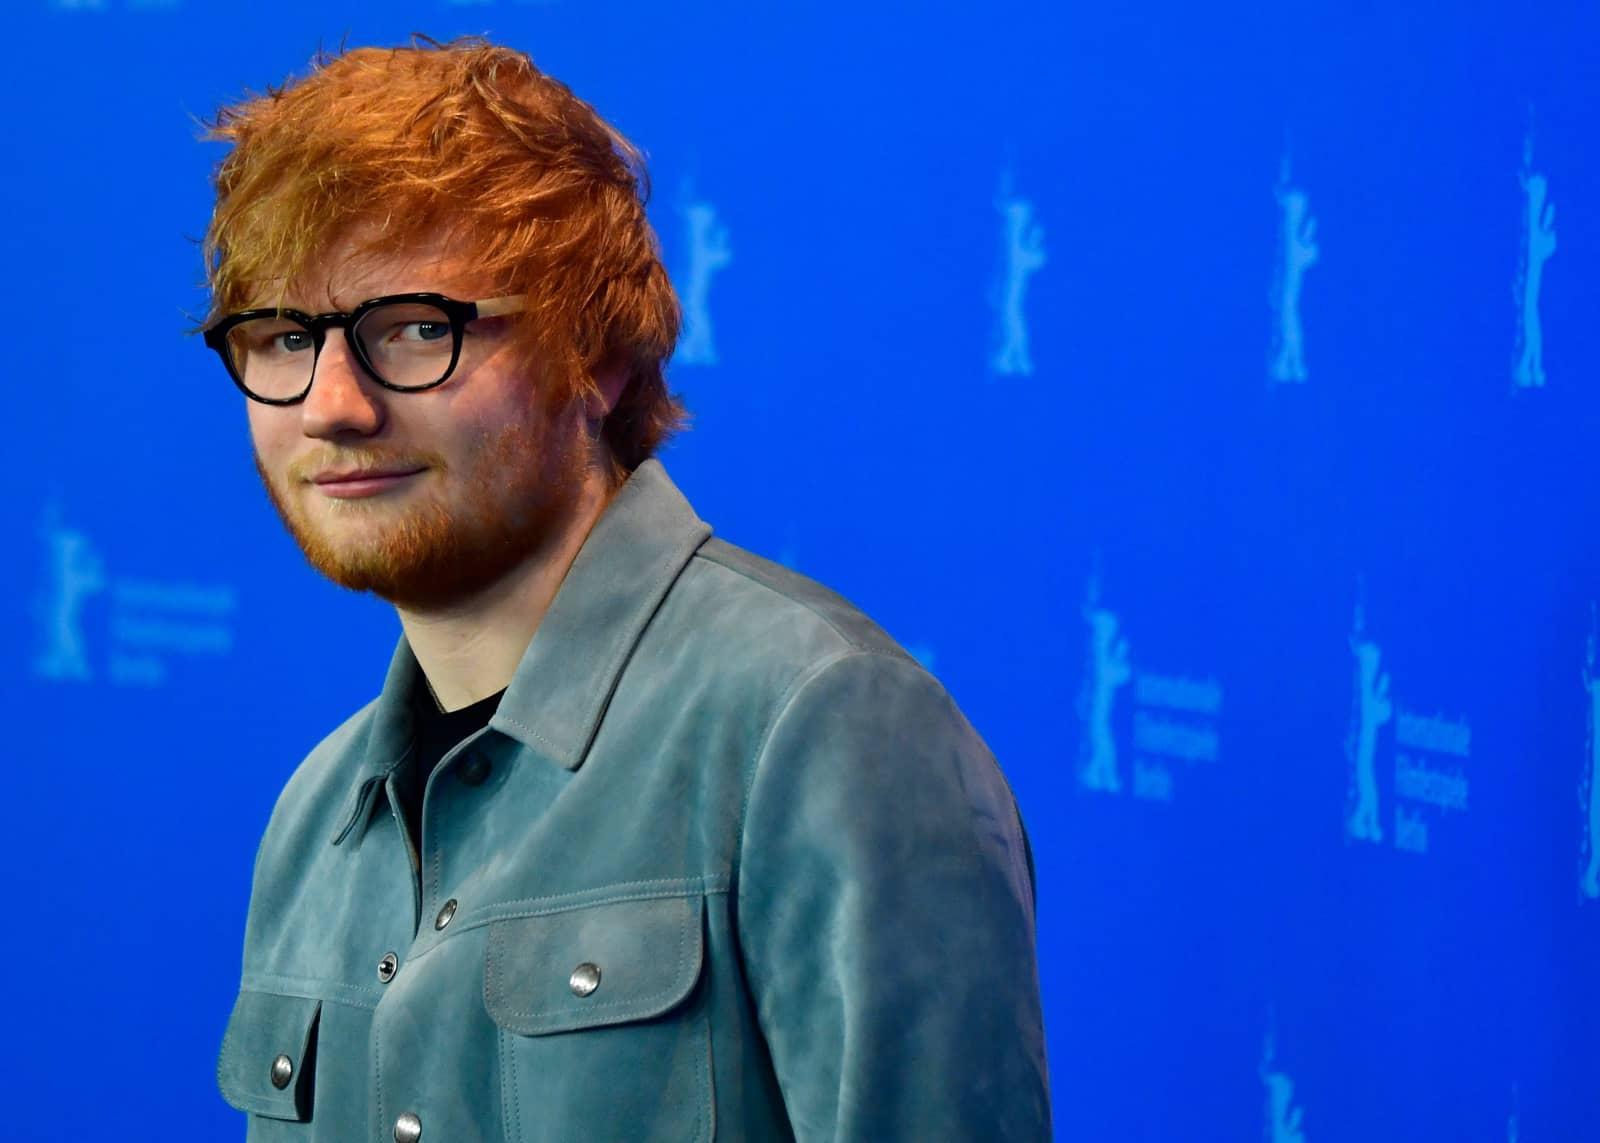 Sechs Musiker, die in den 2010ern zu internationalen Superstars wurden